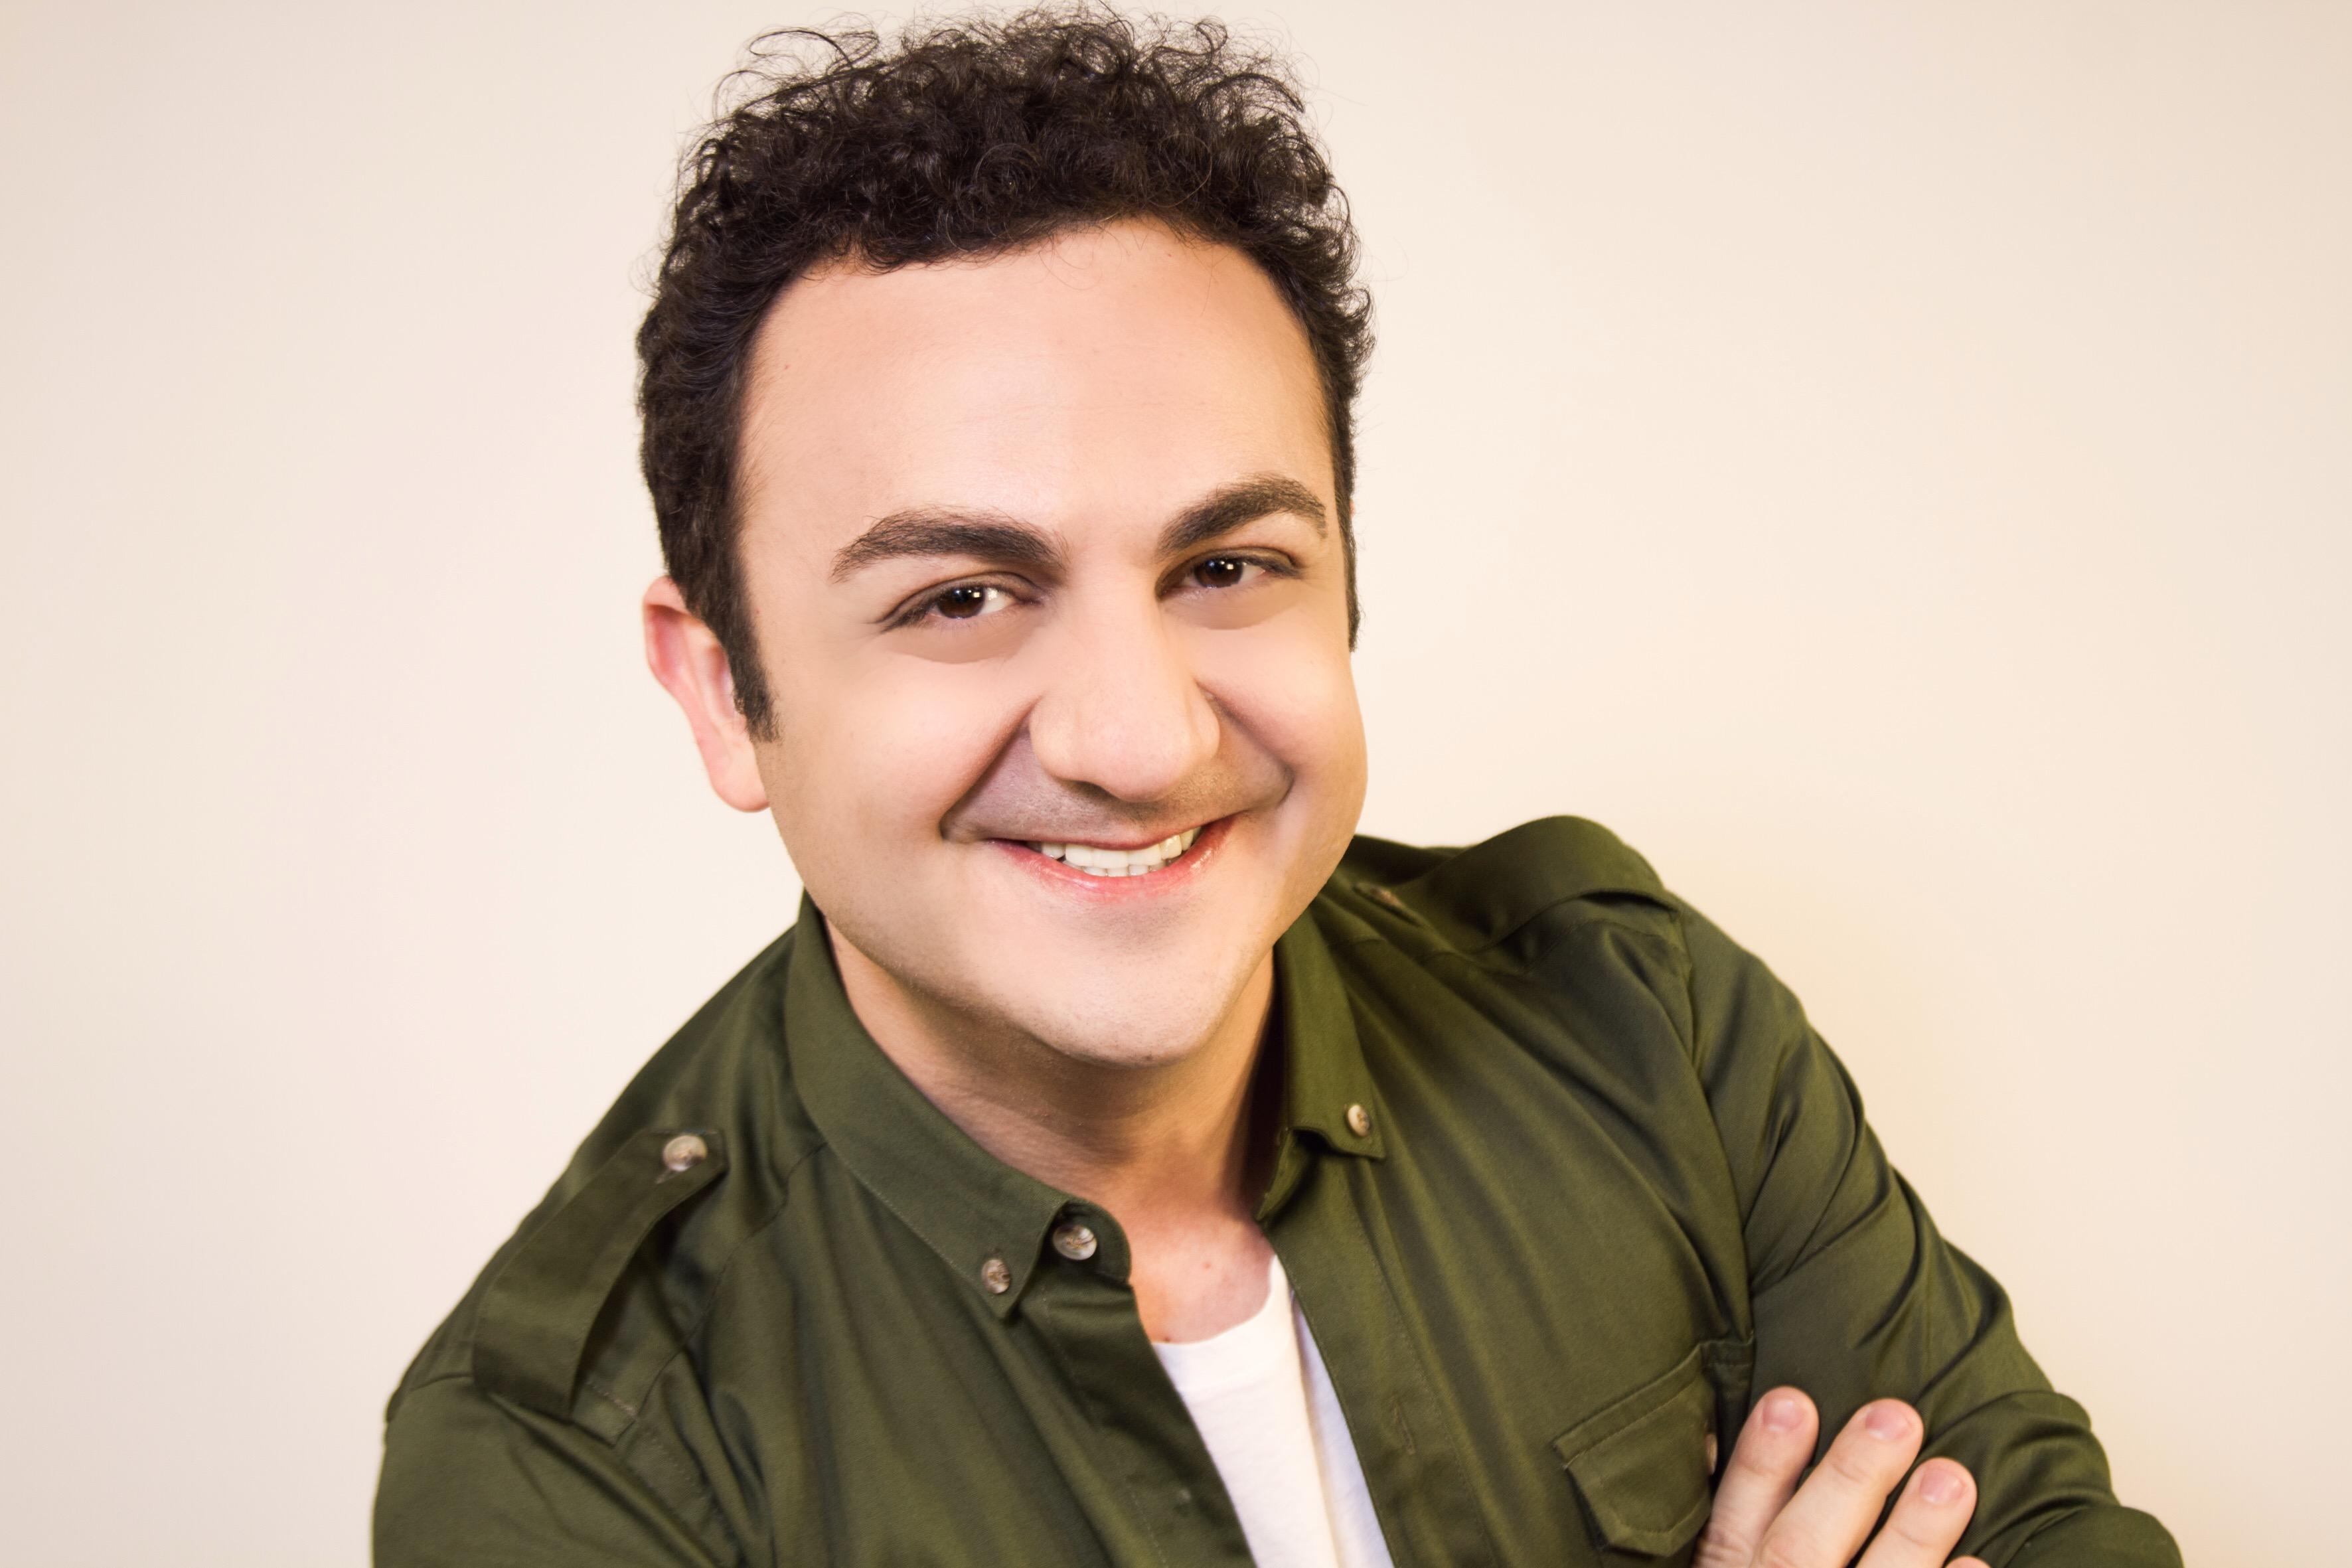 """Diego Topa: """"Hoy por hoy, hay que mirar a los mas chicos y aprender"""" - Radio Cantilo"""